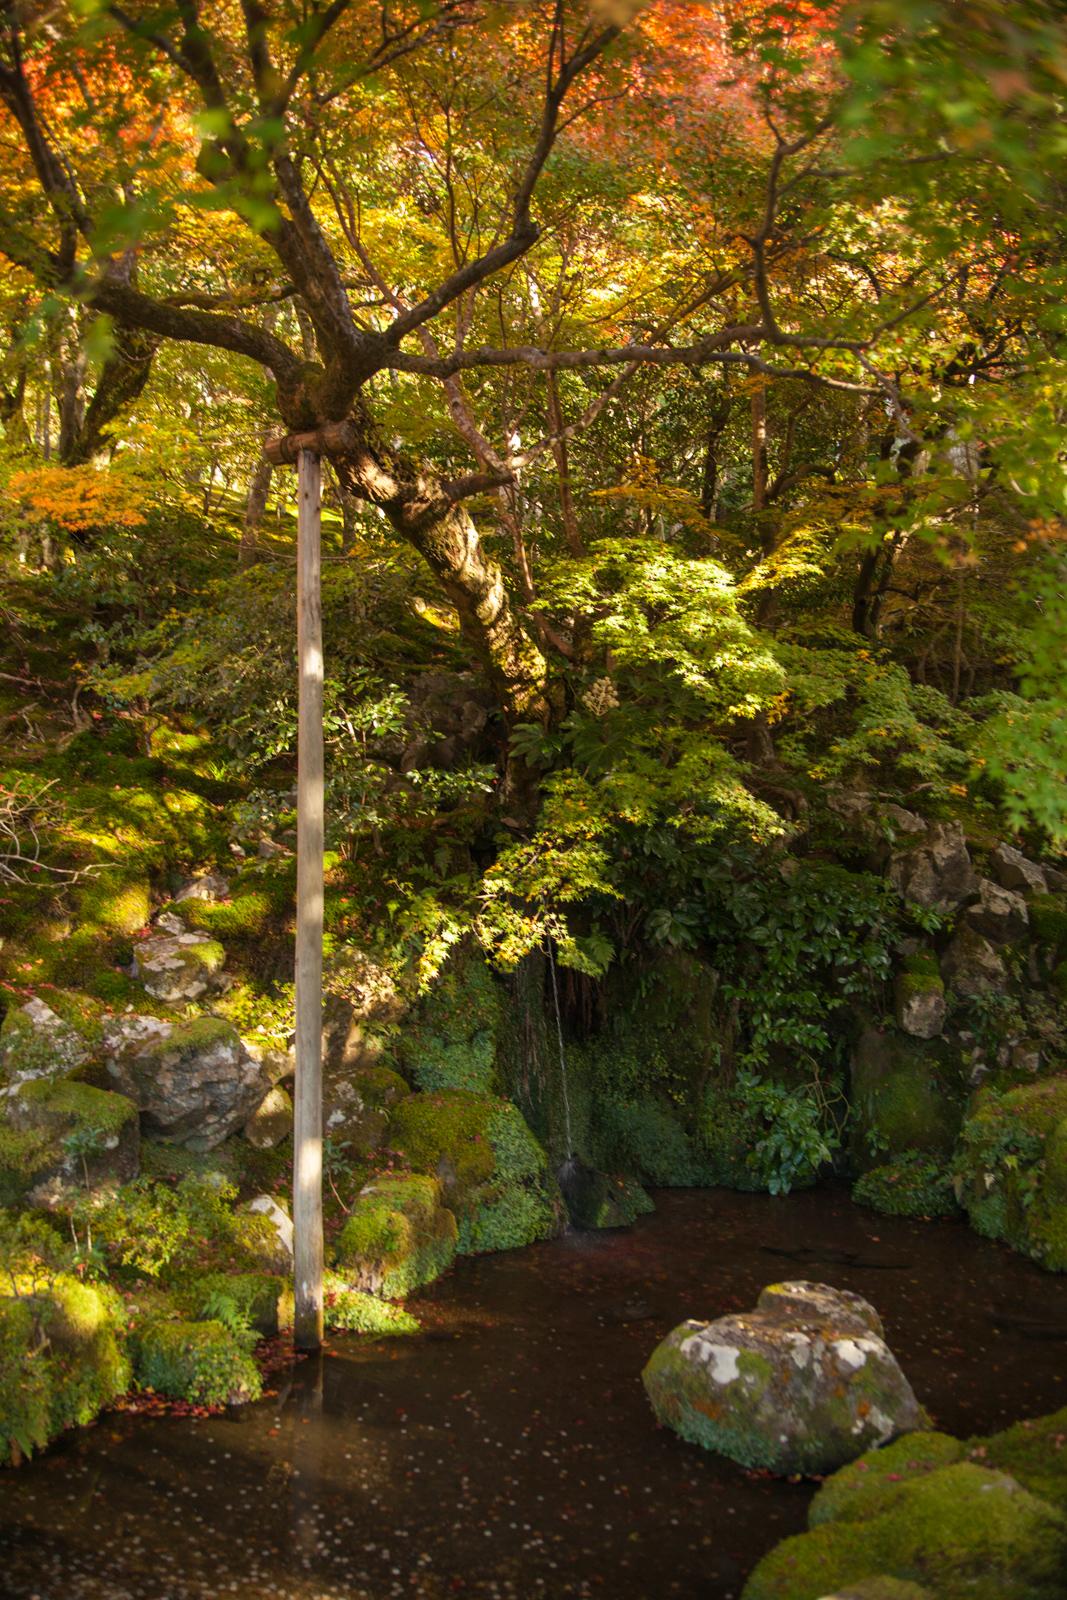 kyoto, kyoto chemin de la philosophie, kyoto momiji, automne kyoto, balade kyoto, séjour kyoto, voyage kyoto, érables kyoto,ginkaku-ji, ginkakuji temple, temple d'argent, temple d'argent kyoto